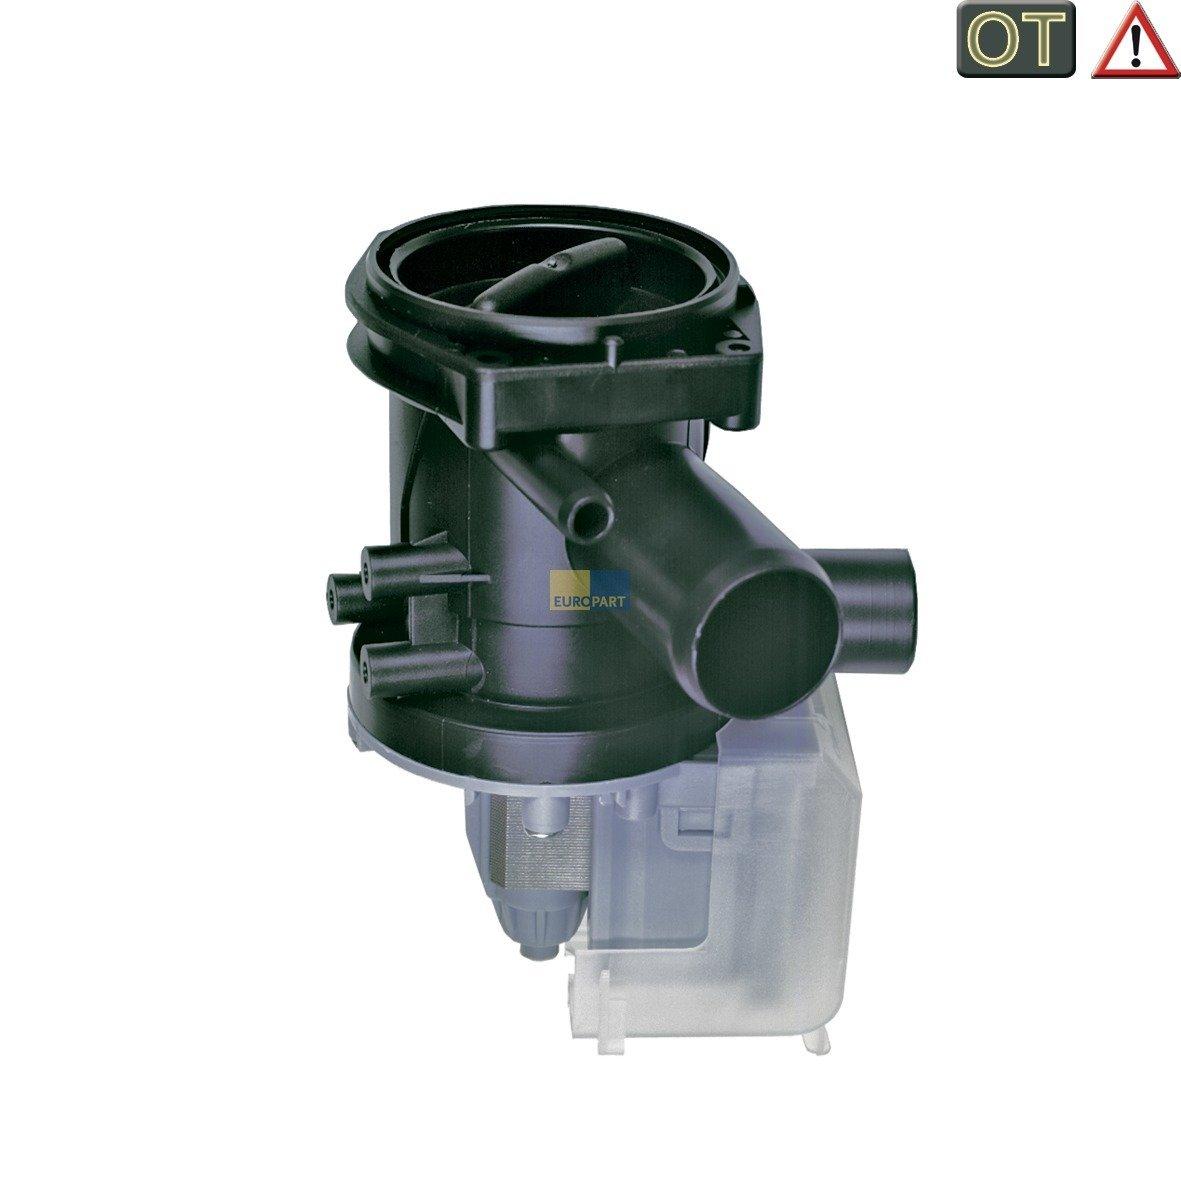 Pumpe Ablaufpumpe Laugenpumpe passend zu Bosch Siemens Waschmaschine  145212